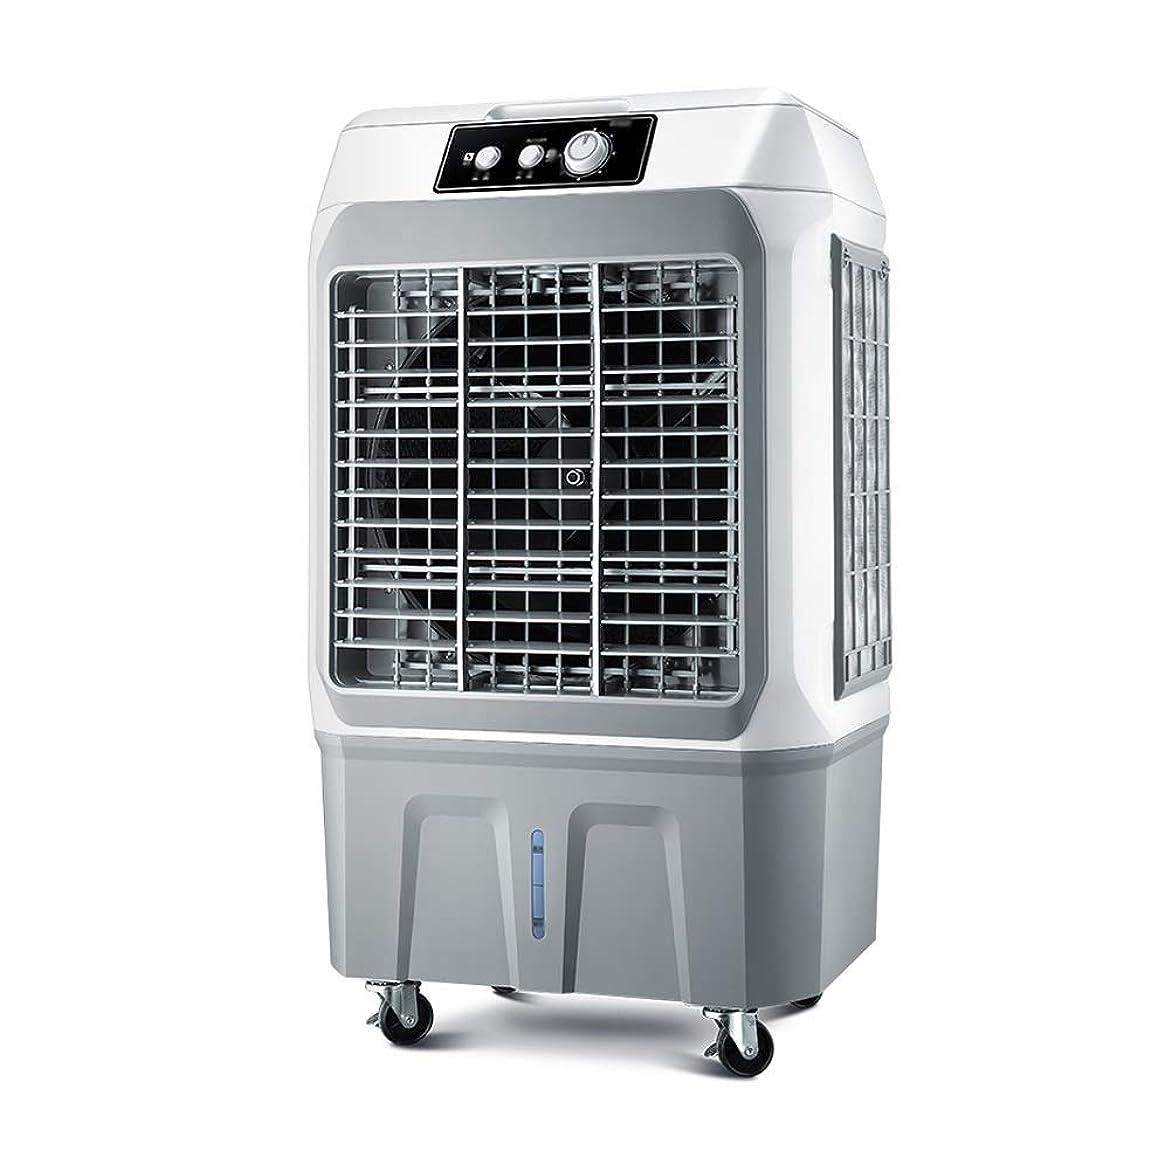 従うの間で不利FINLR 冷風扇エアコン産業用エアコンファンエアコンクーラー水冷エアコンモバイルエアコン モバイル (Size : A)